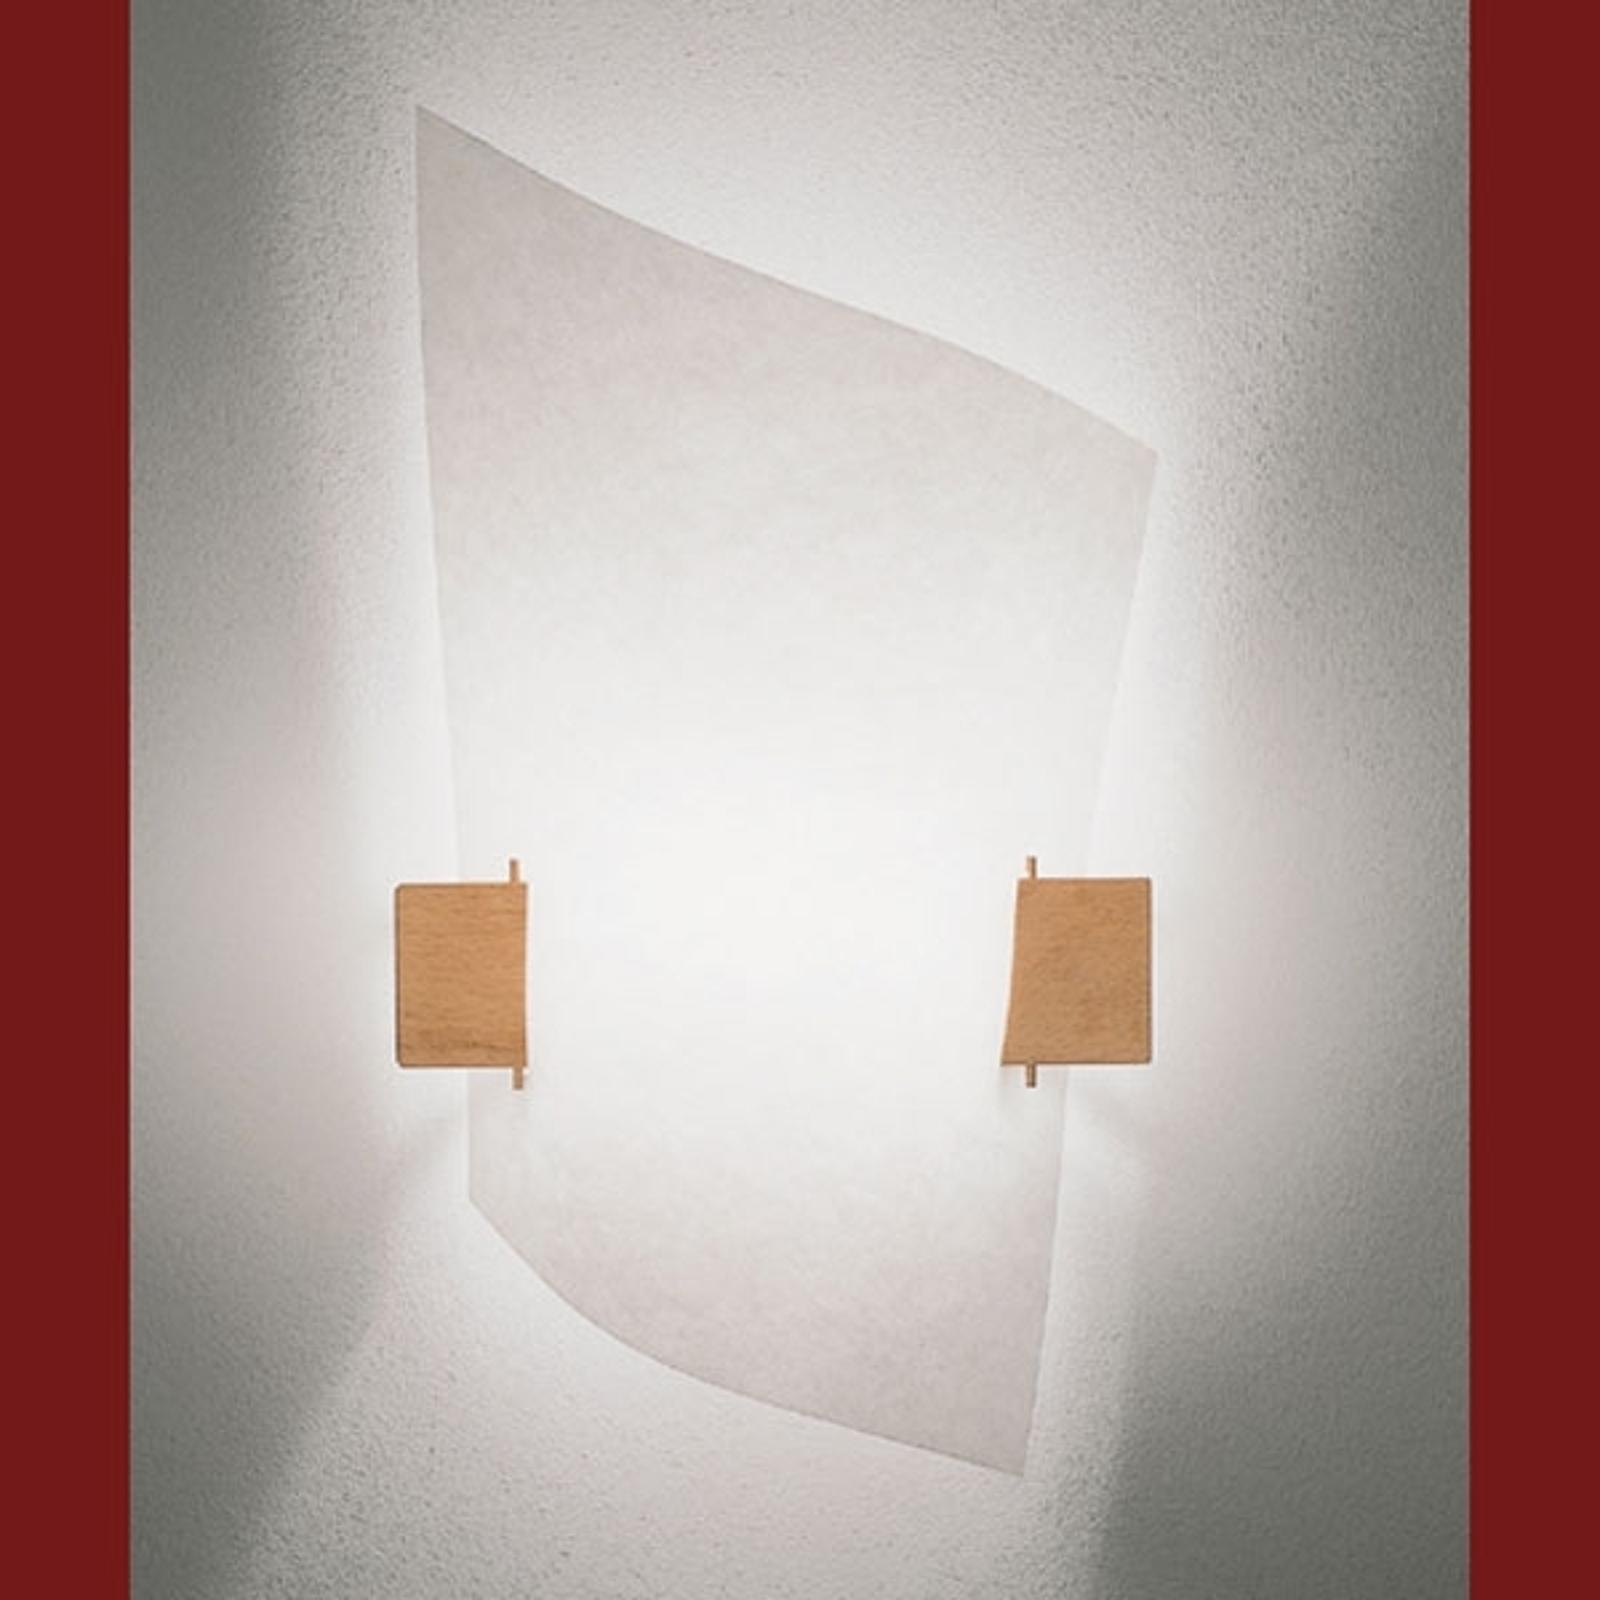 Design-wandlamp PLAN B met licht hout